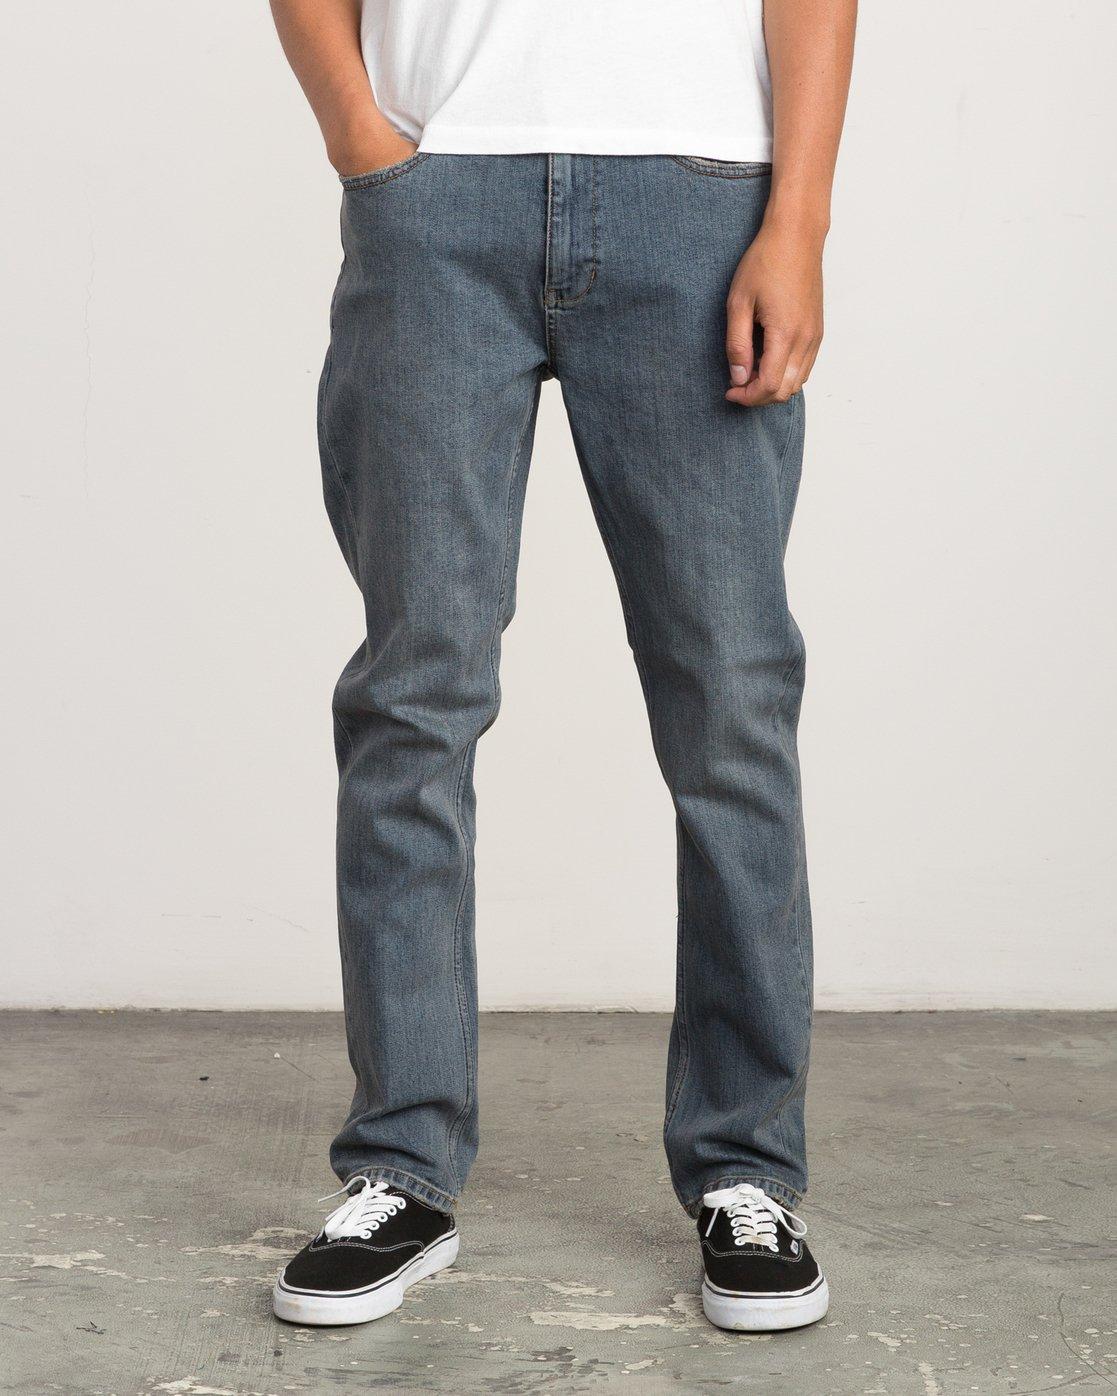 0 Daggers Slim-Straight Jeans Multicolor M303QRDA RVCA